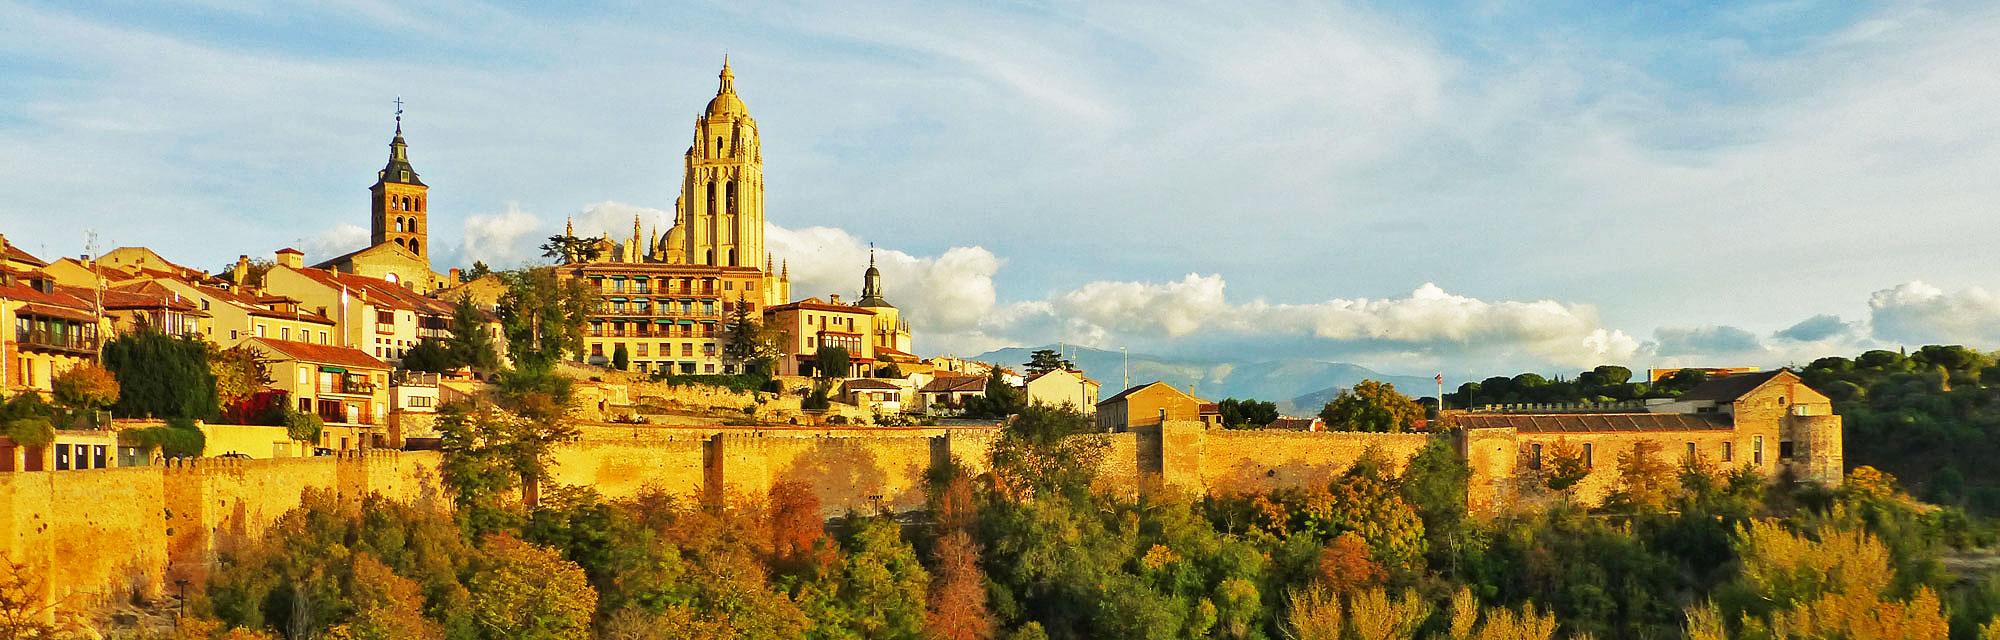 Segovia1-1